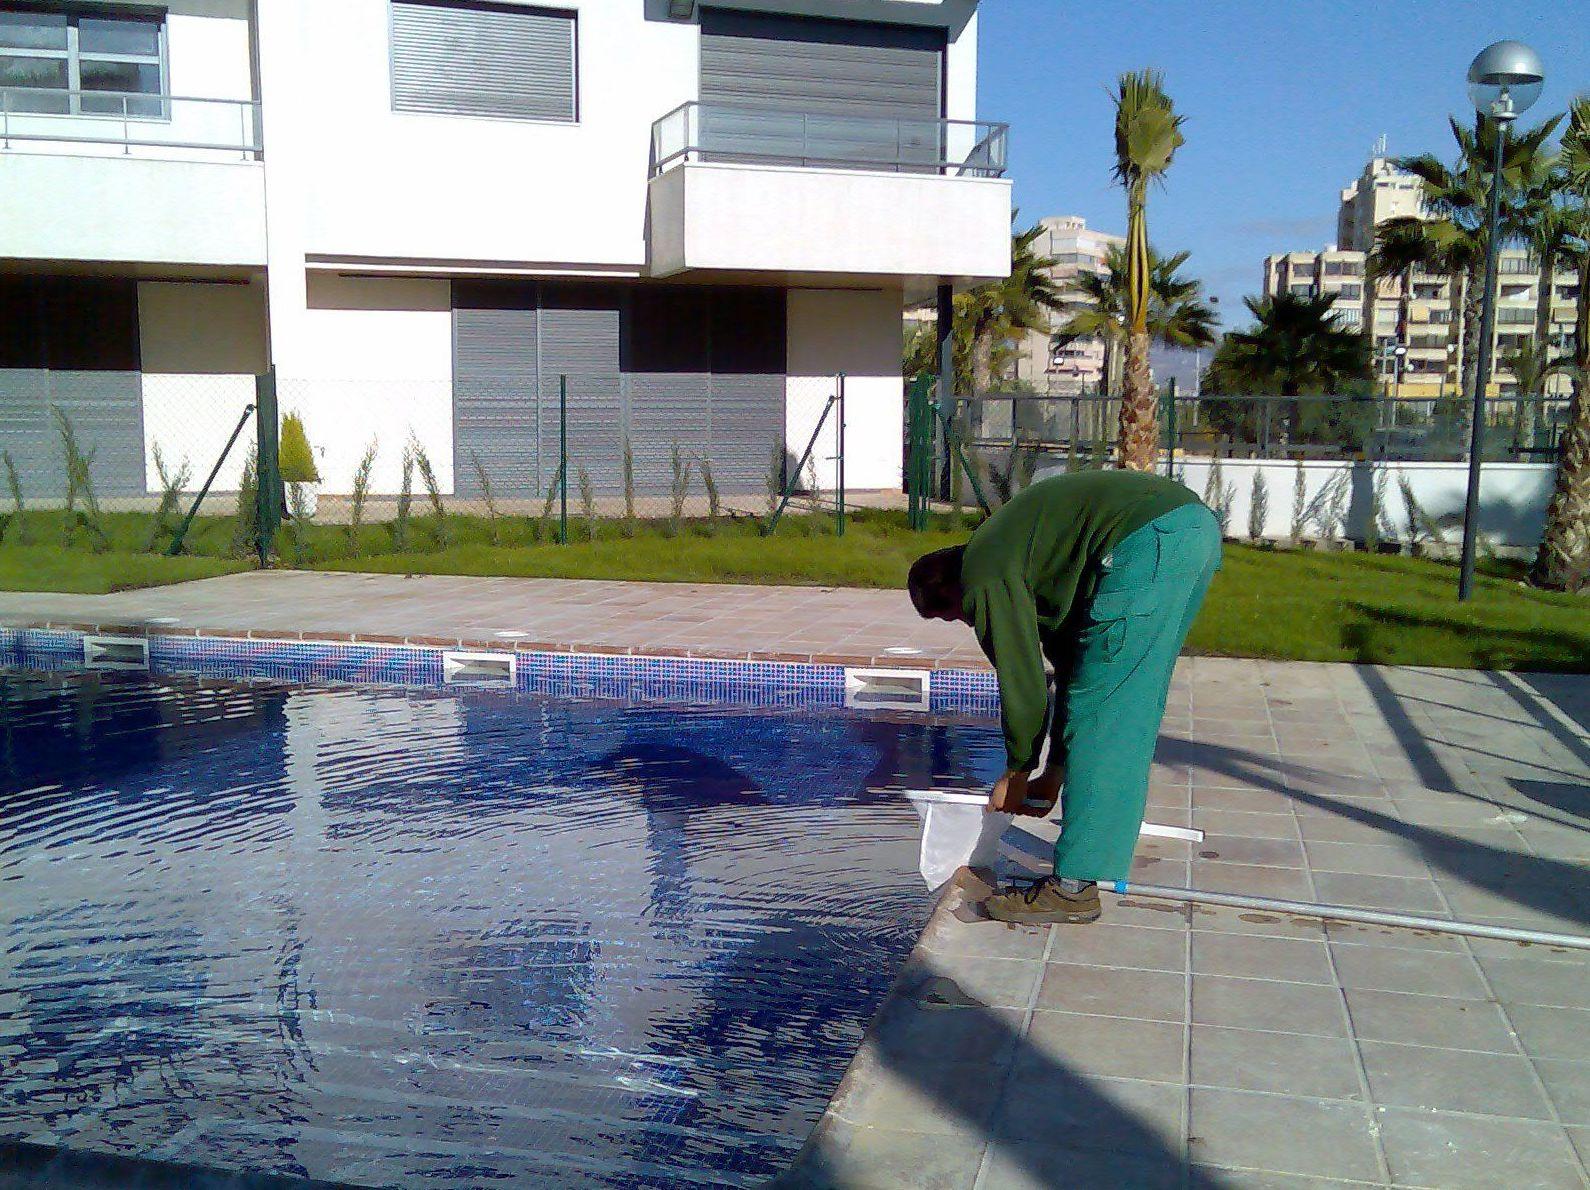 Mantenimiento continuado de piscinas comunitarias y particulares